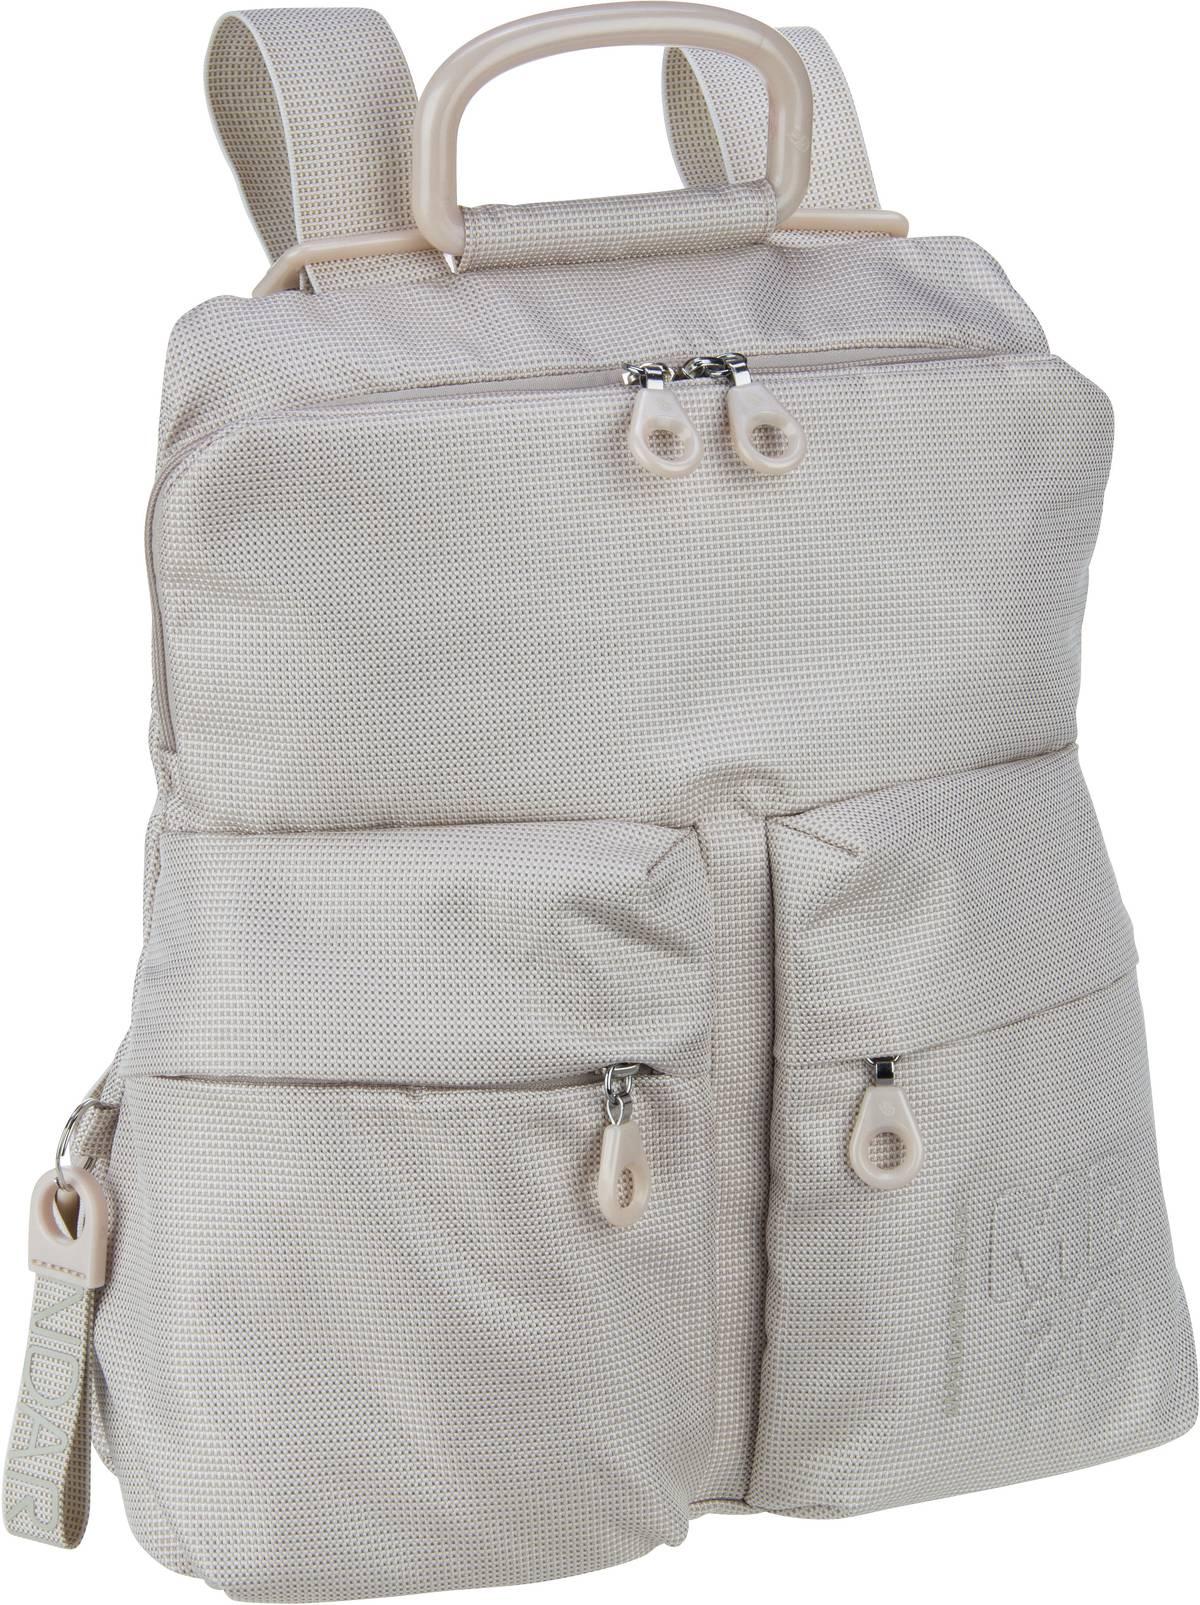 mandarina duck -  Rucksack / Daypack MD20 Slim Backpack QMTZ4 Off White